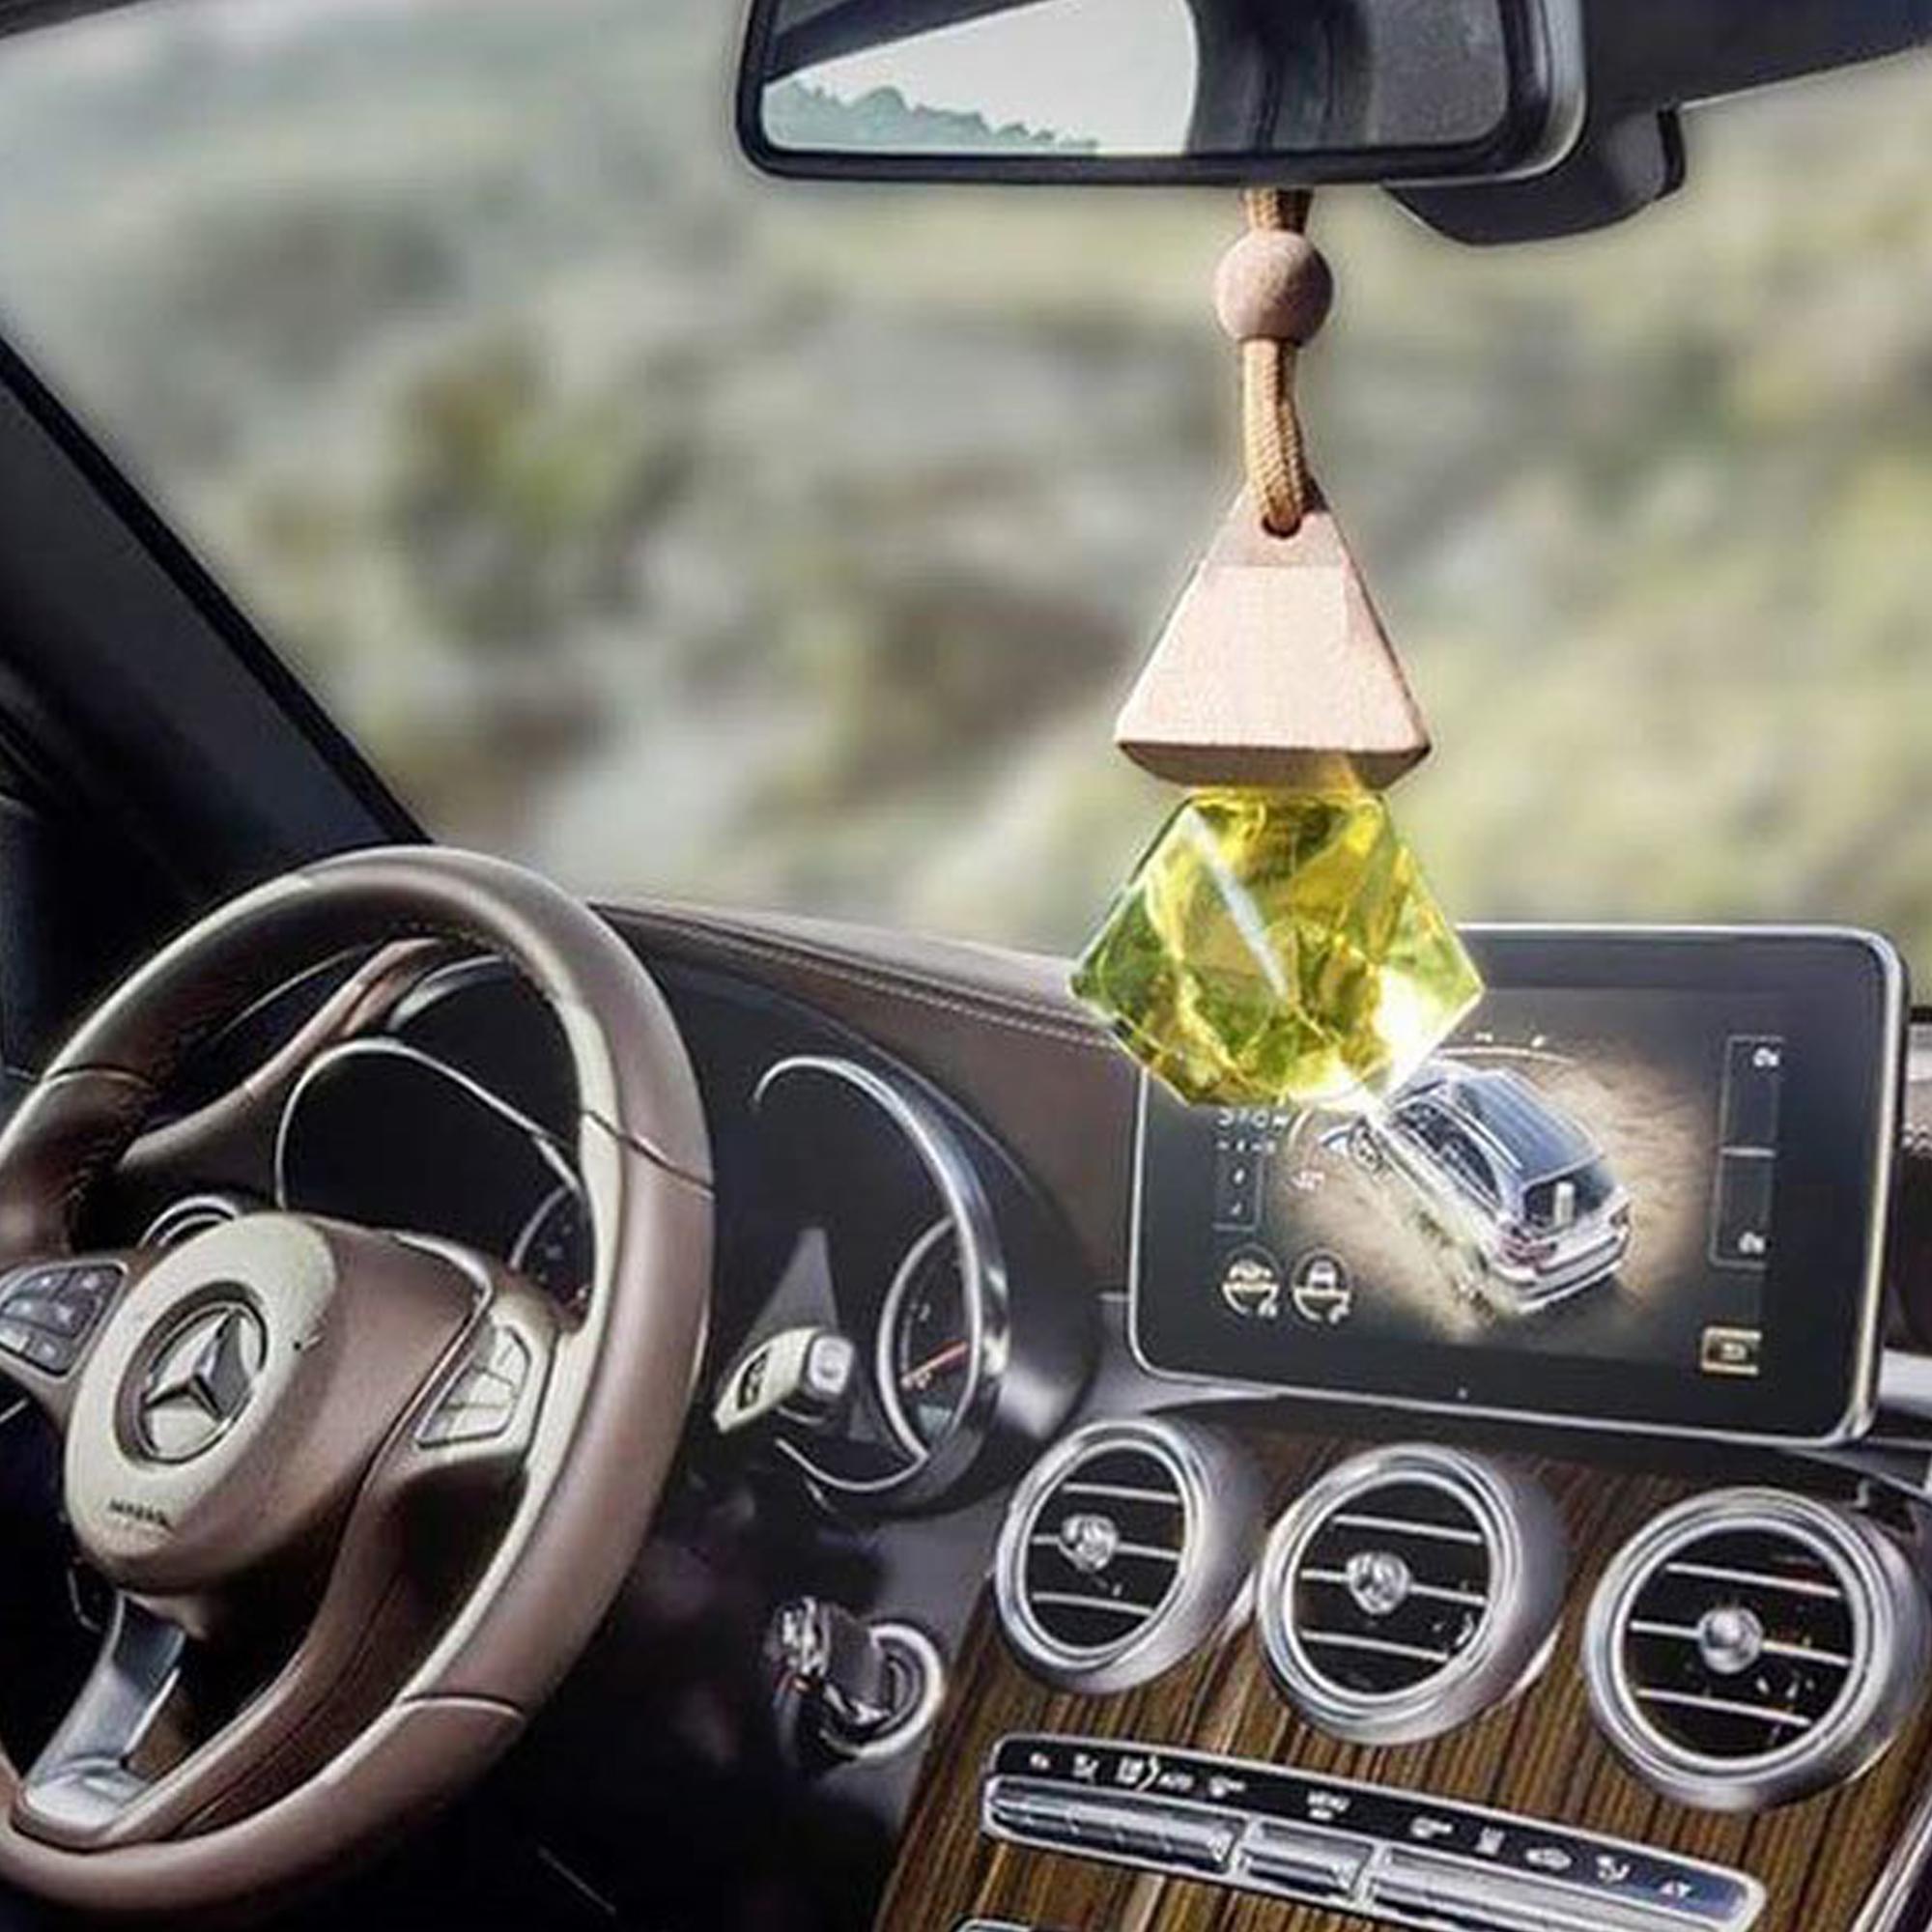 Tinh Dầu Ô Tô | Tinh Dầu Hữu Cơ Oải Hương | Organic Lavender Oil | Khử mùi xe hơi, tủ quần áo – Vnspecial Oils - USDA